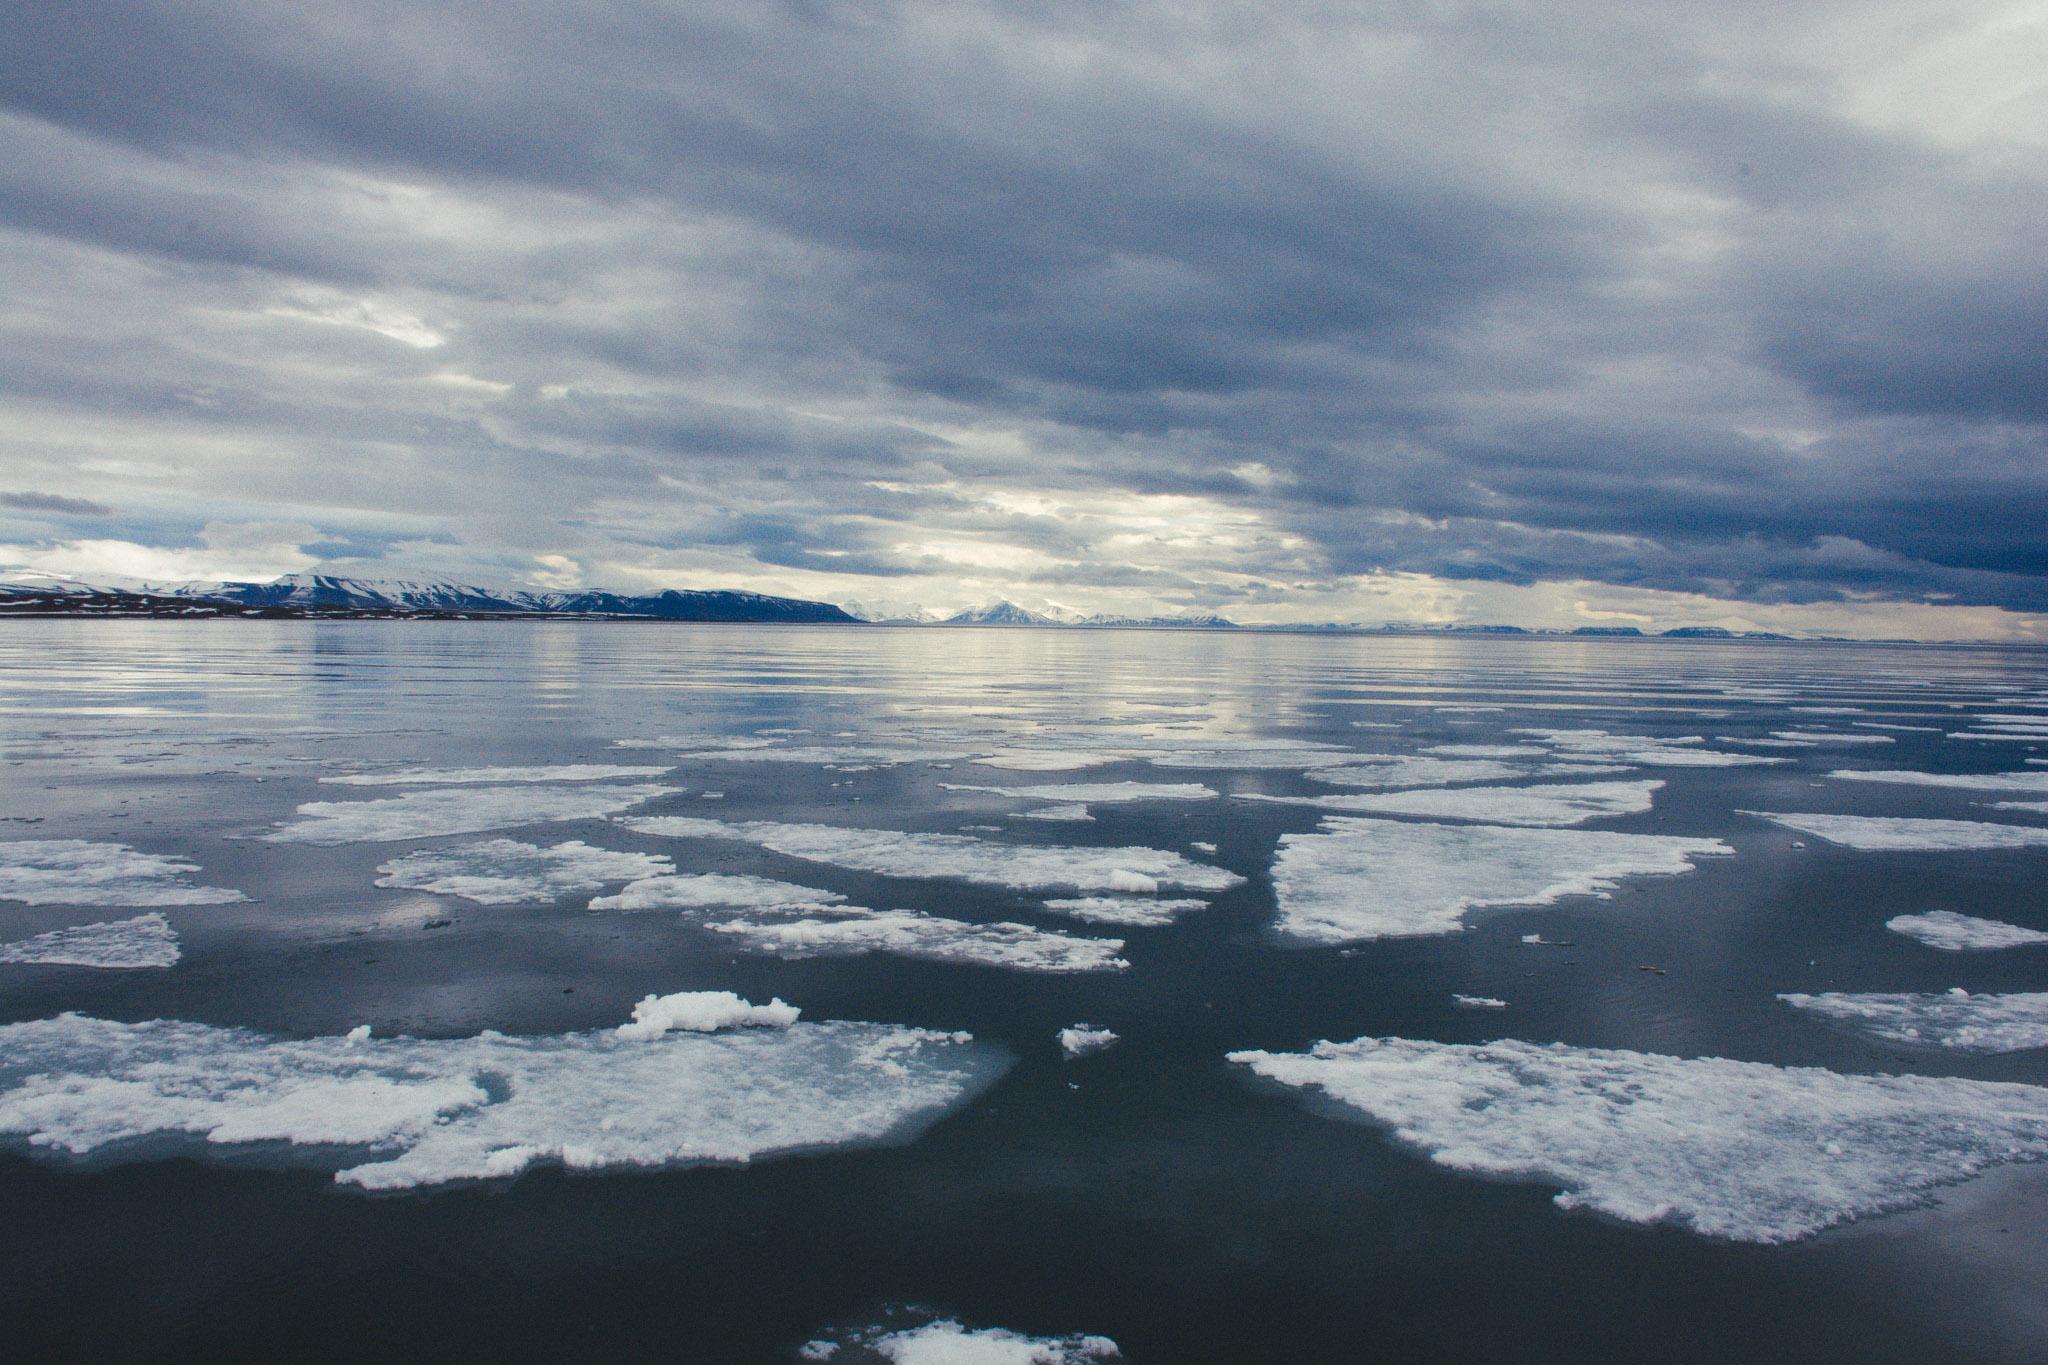 Svalbard_2018_Pukka_Perri_Rothenberg-62.jpg